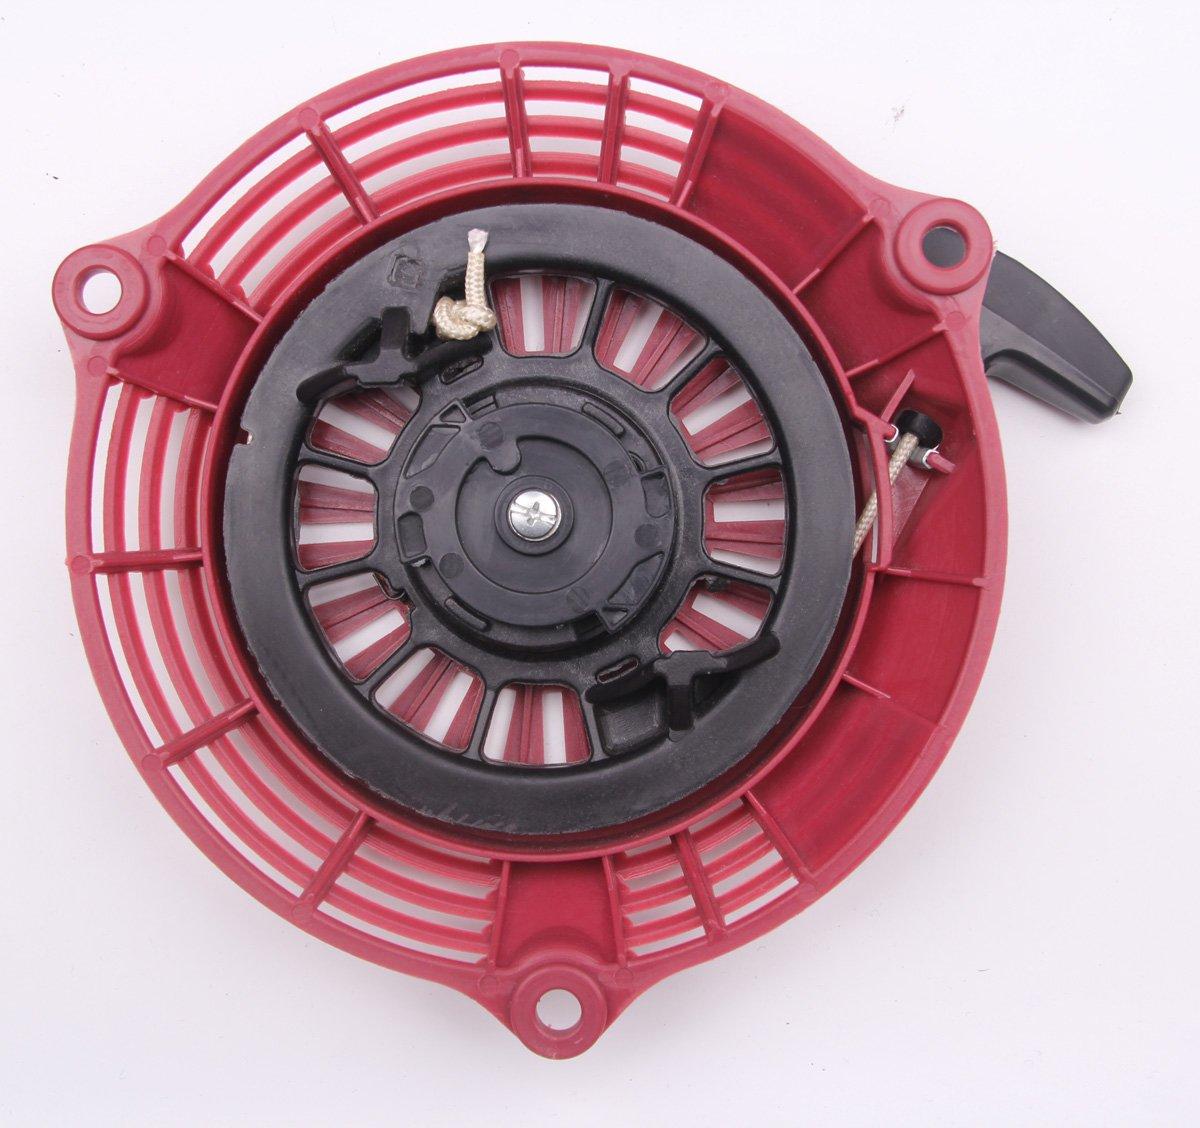 New Recoil Starter Pull Start for Honda GCV135 GCV160 EN2000 Engine Motor by BH-Motor